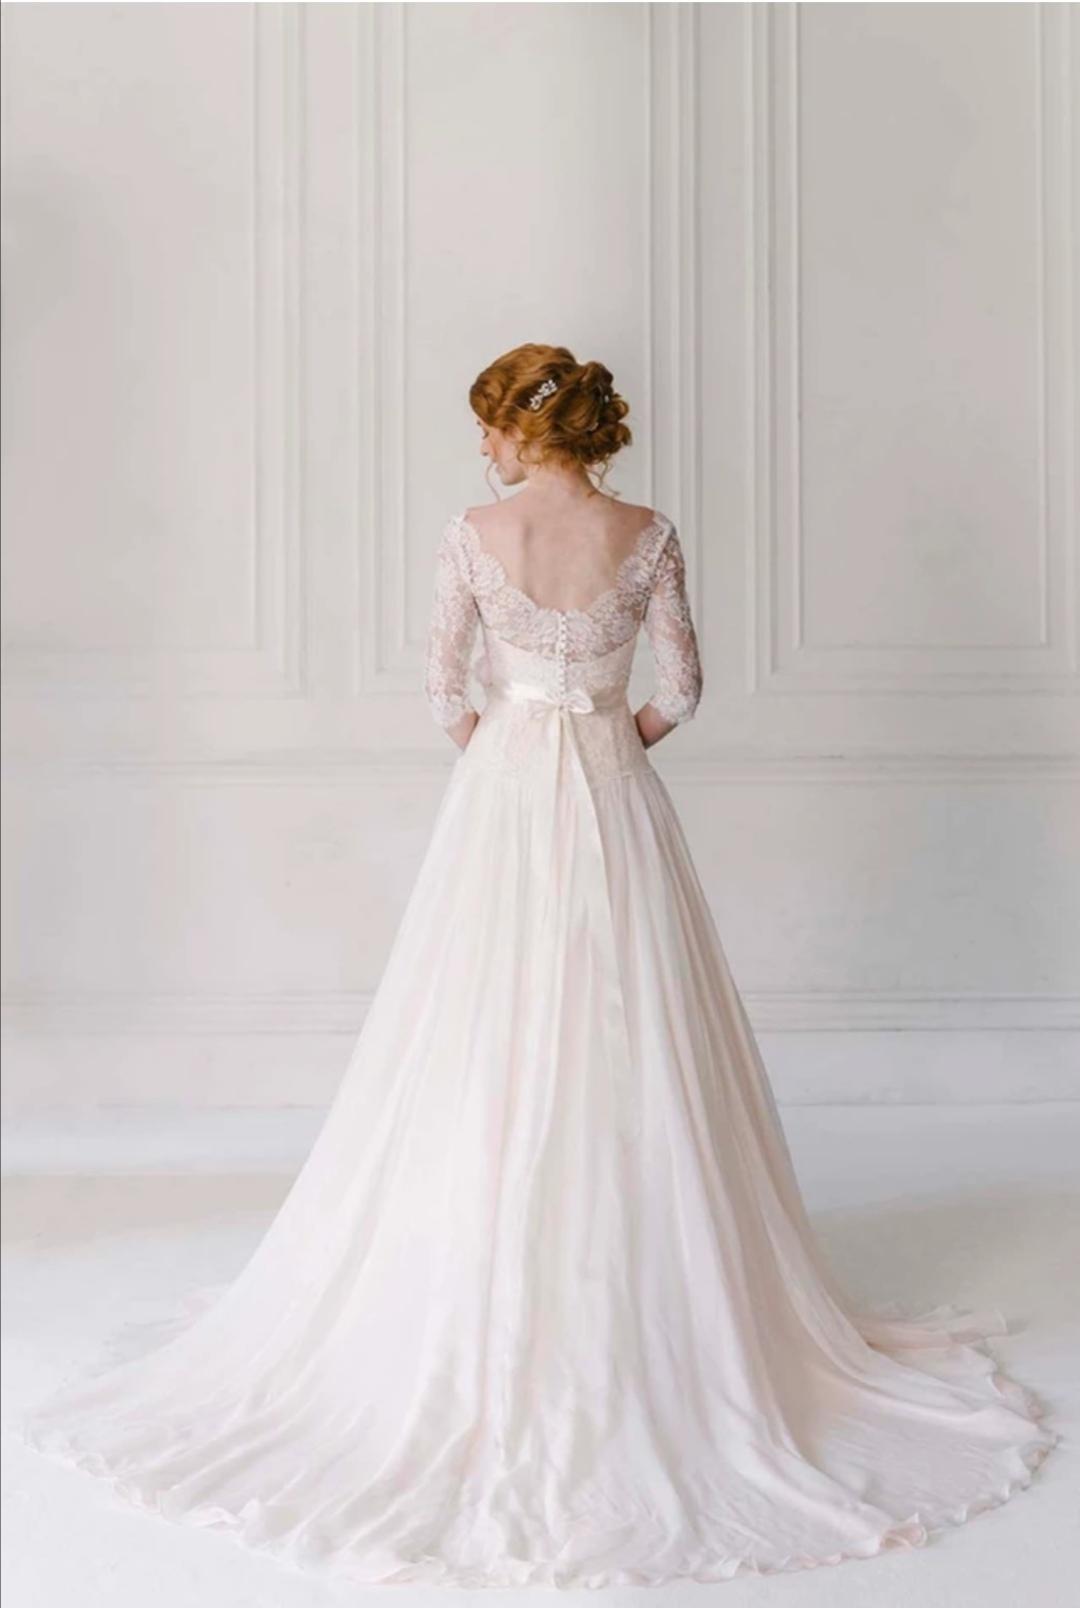 Azalea wedding dress by Naomi Neoh